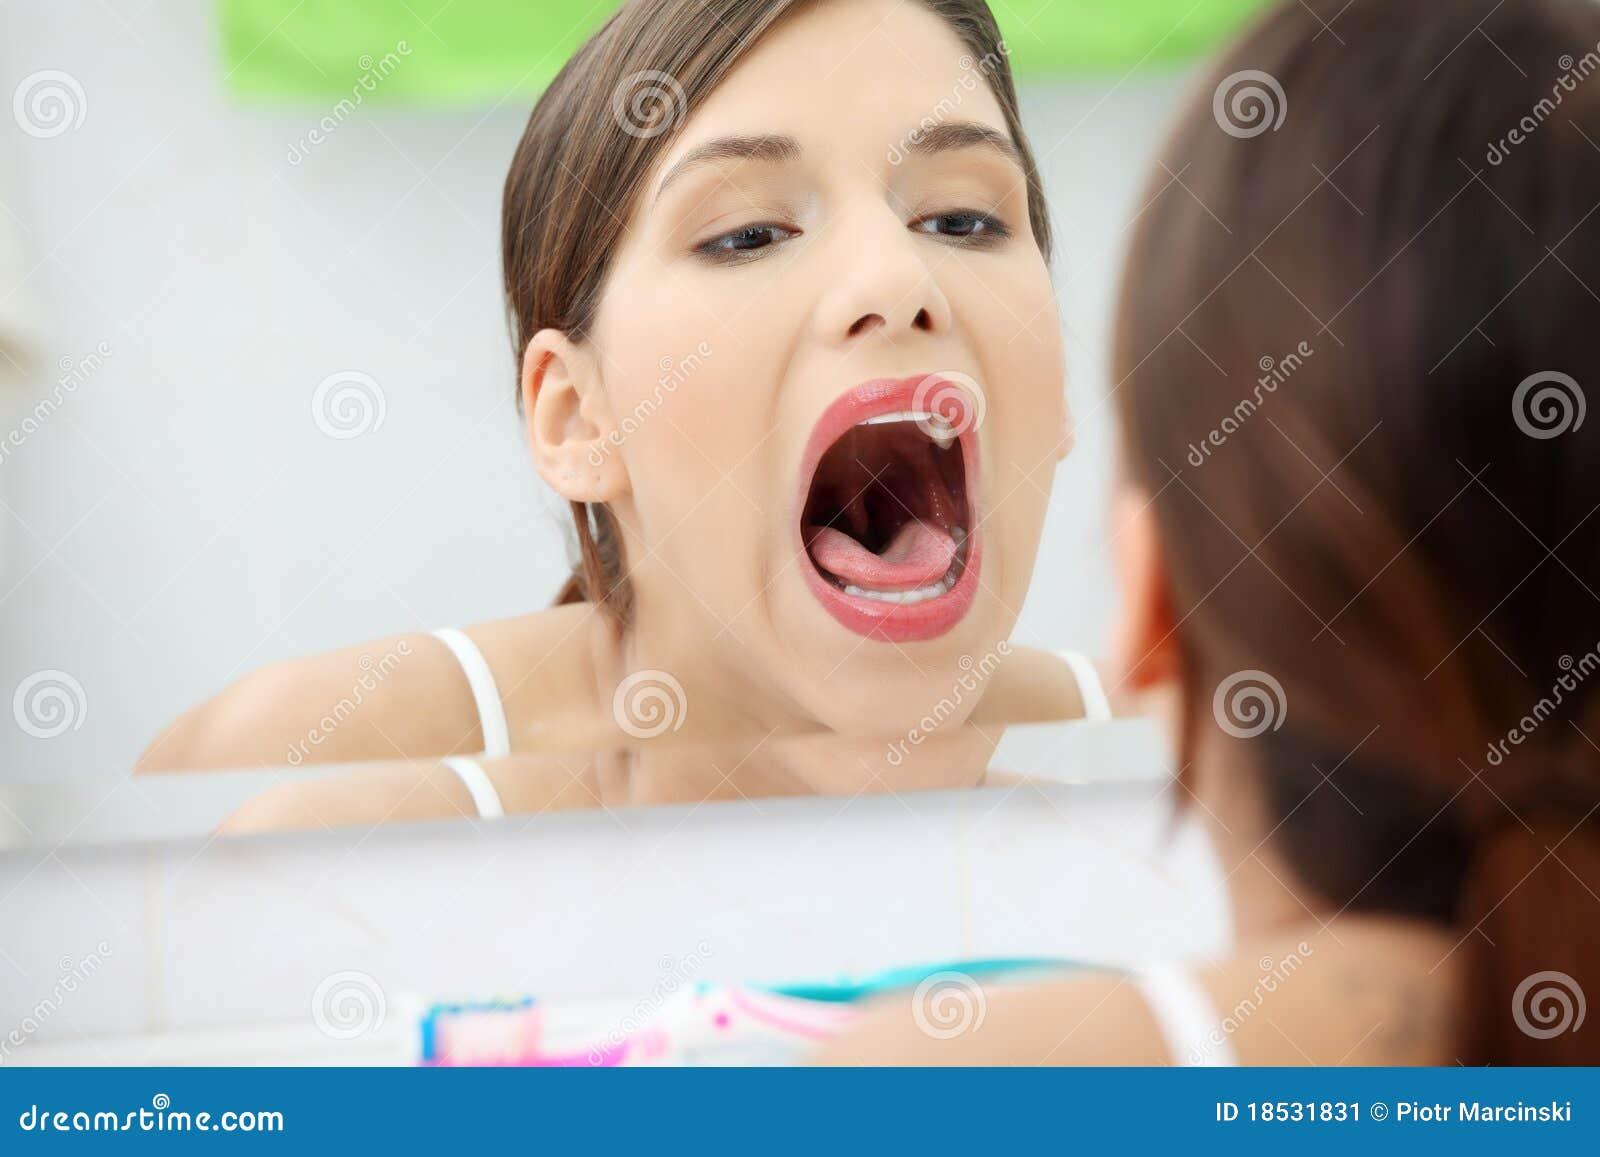 Throat Girl